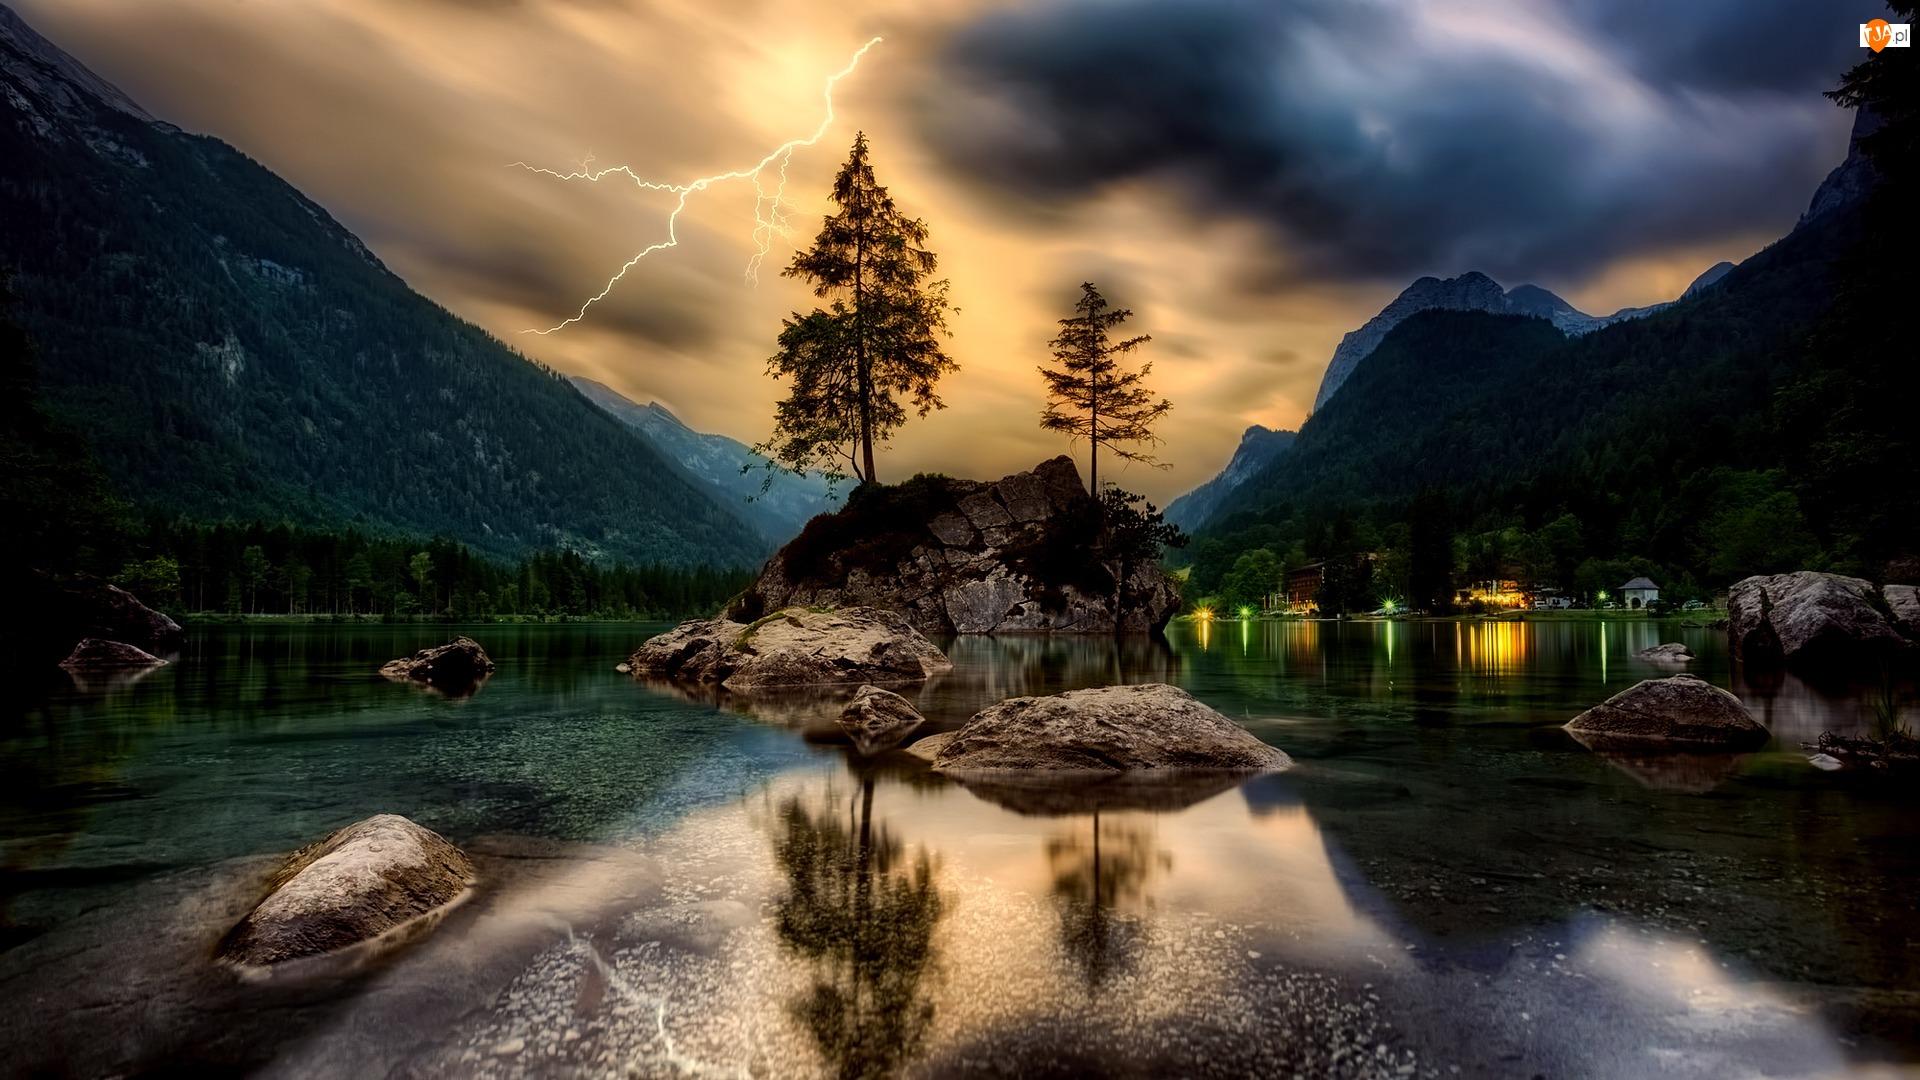 Drzewa, Pioruny, Jezioro Hintersee, Domy, Bawaria, Skały, Niemcy, Las, Burza, Góry Alpy